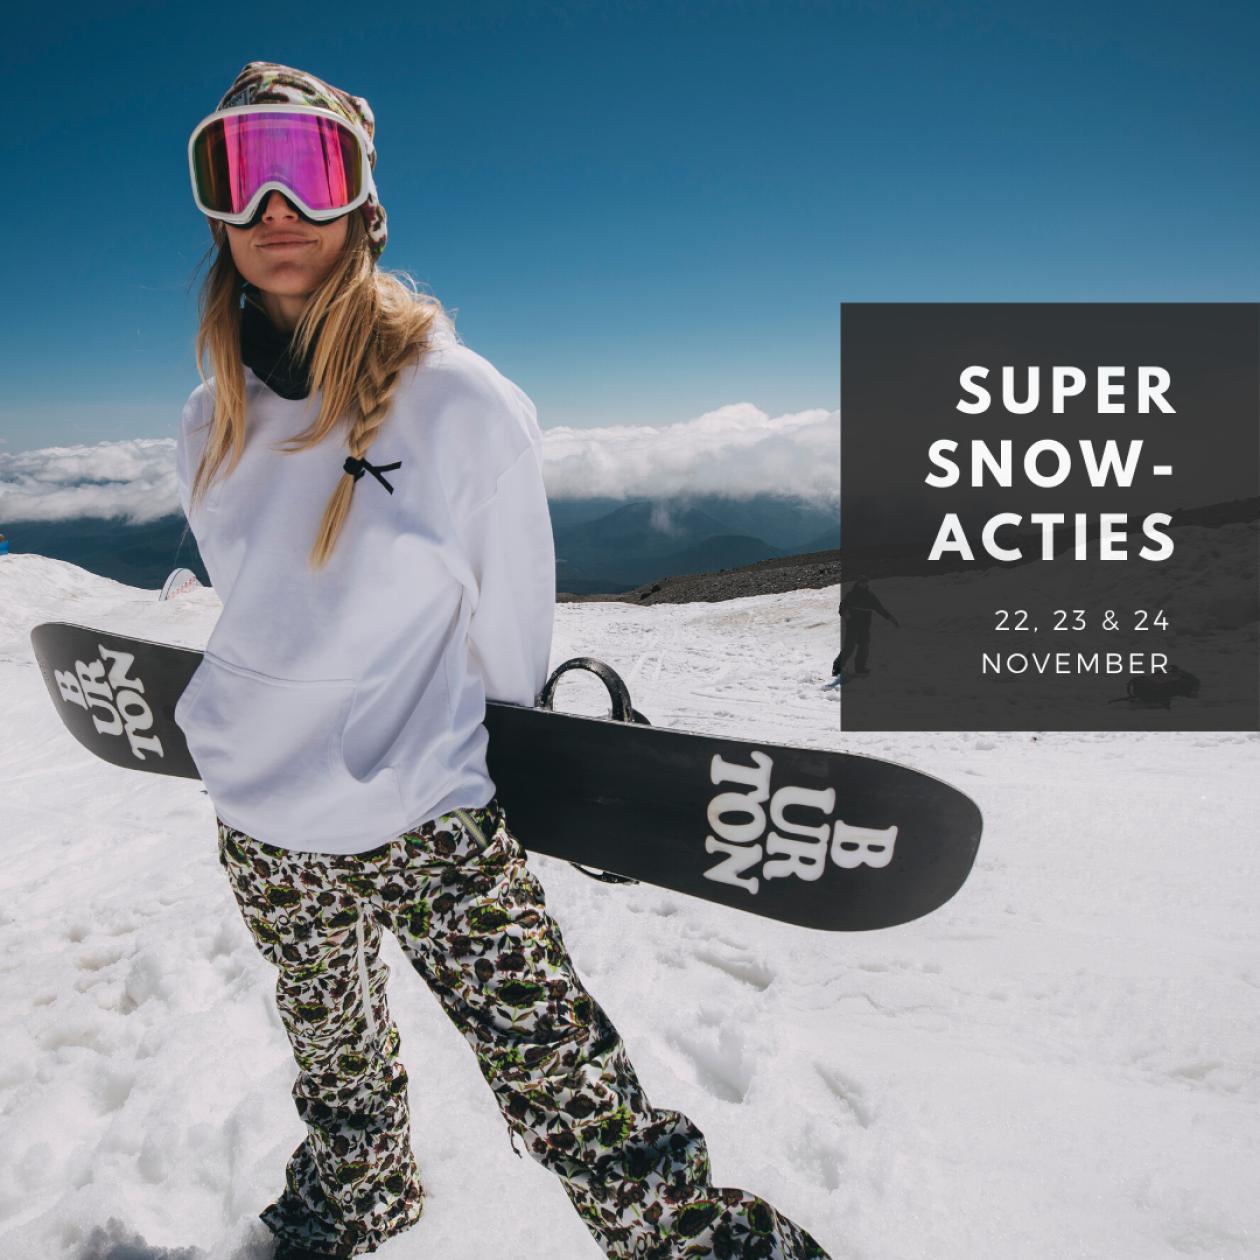 SUPER SNOWACTIES OP 22-23-24/11!